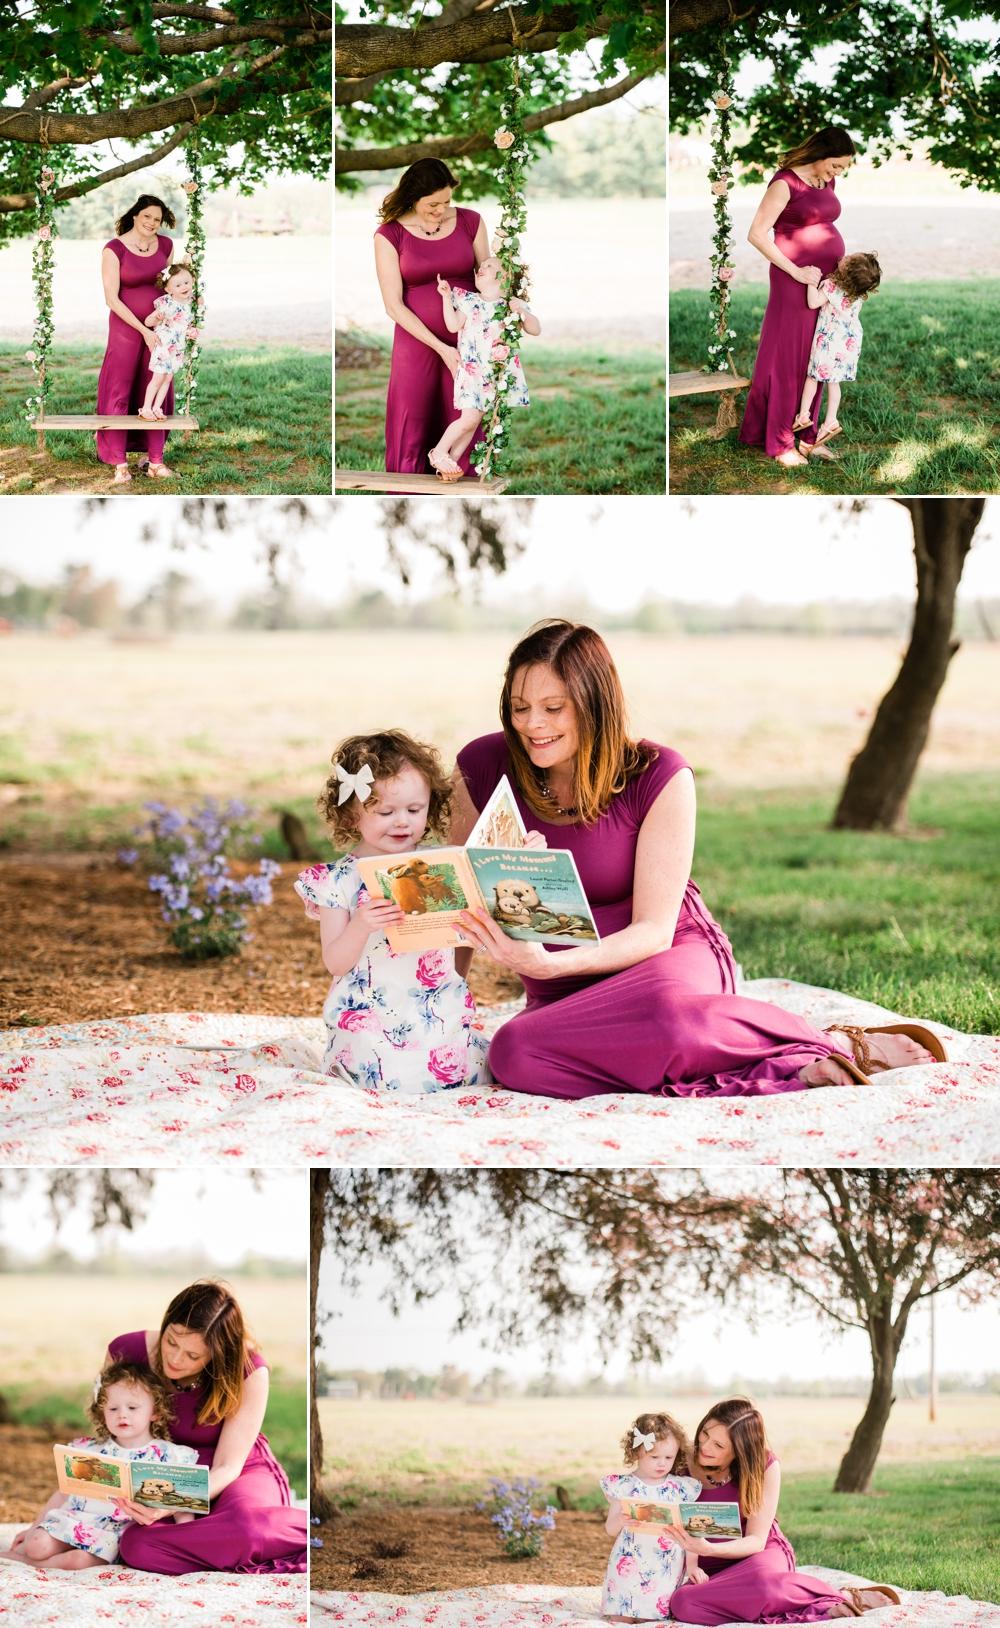 foote mommy me 4.jpg